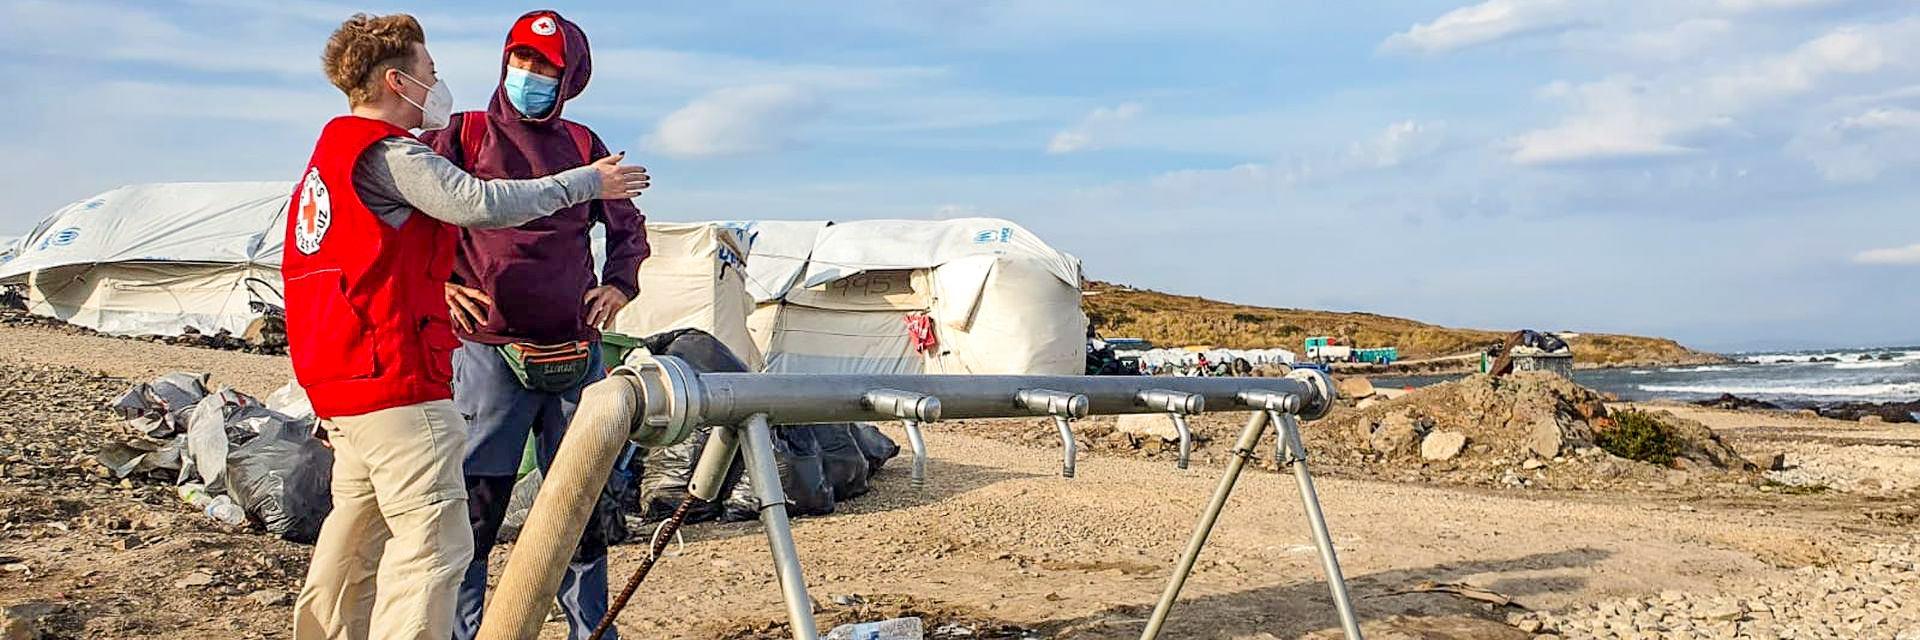 Einsatz auf Lesbos - Wasserversorgung für das Flüchtlingslager Kara Tepe